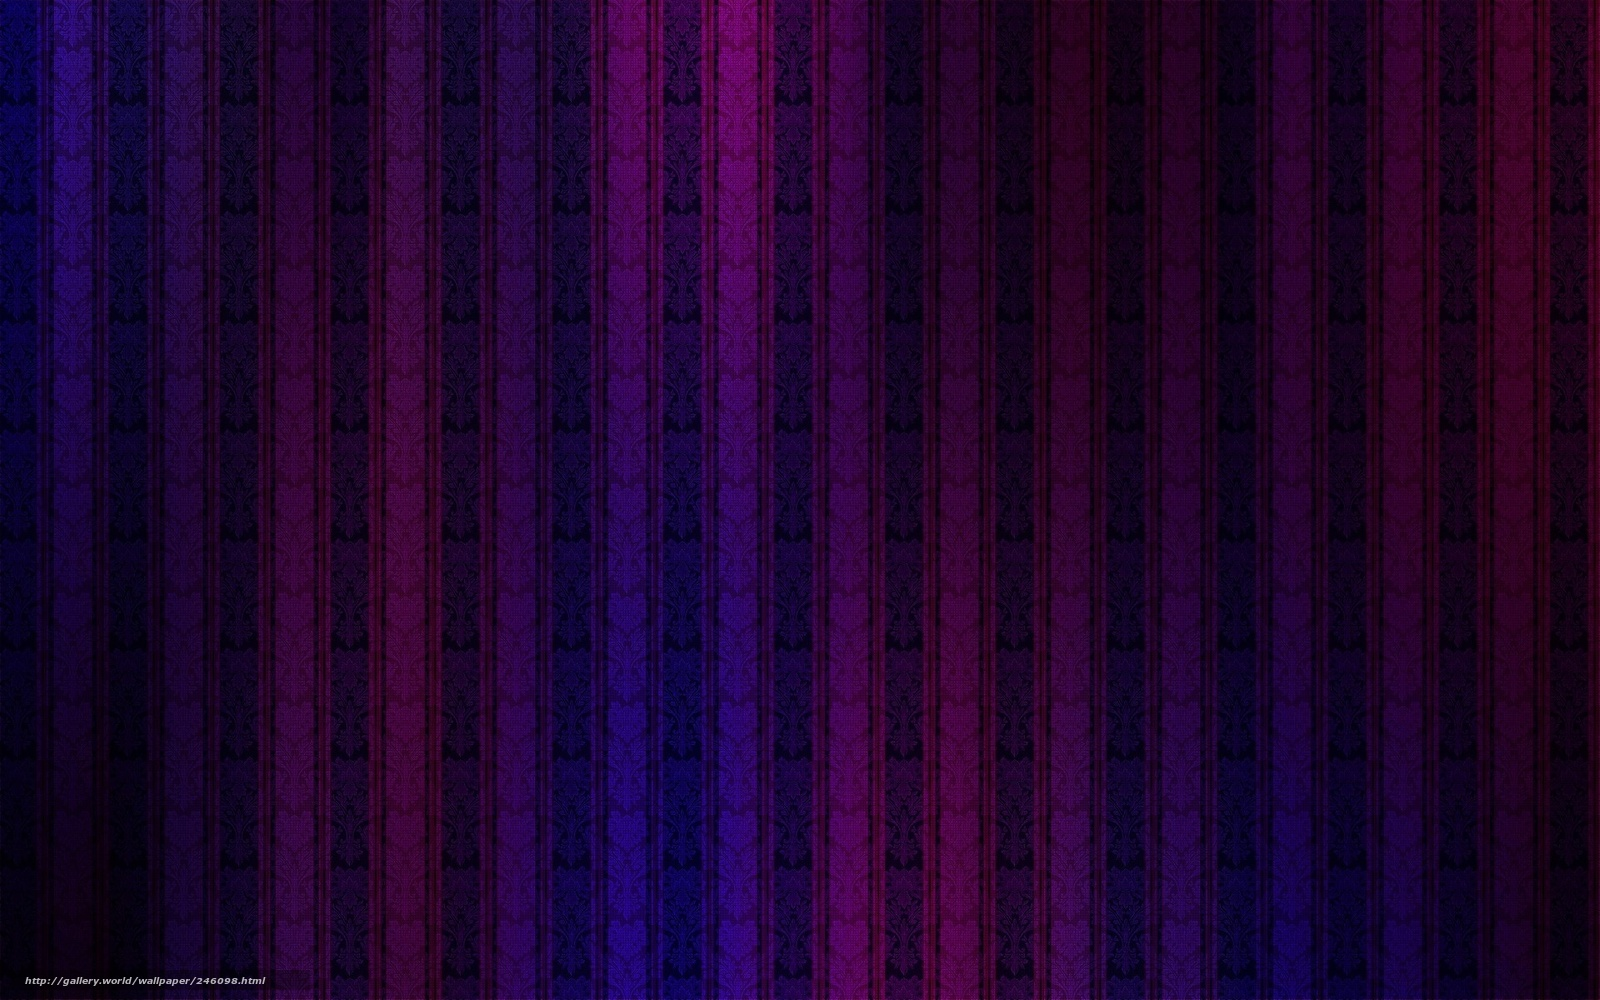 Wallpaper banda verticale